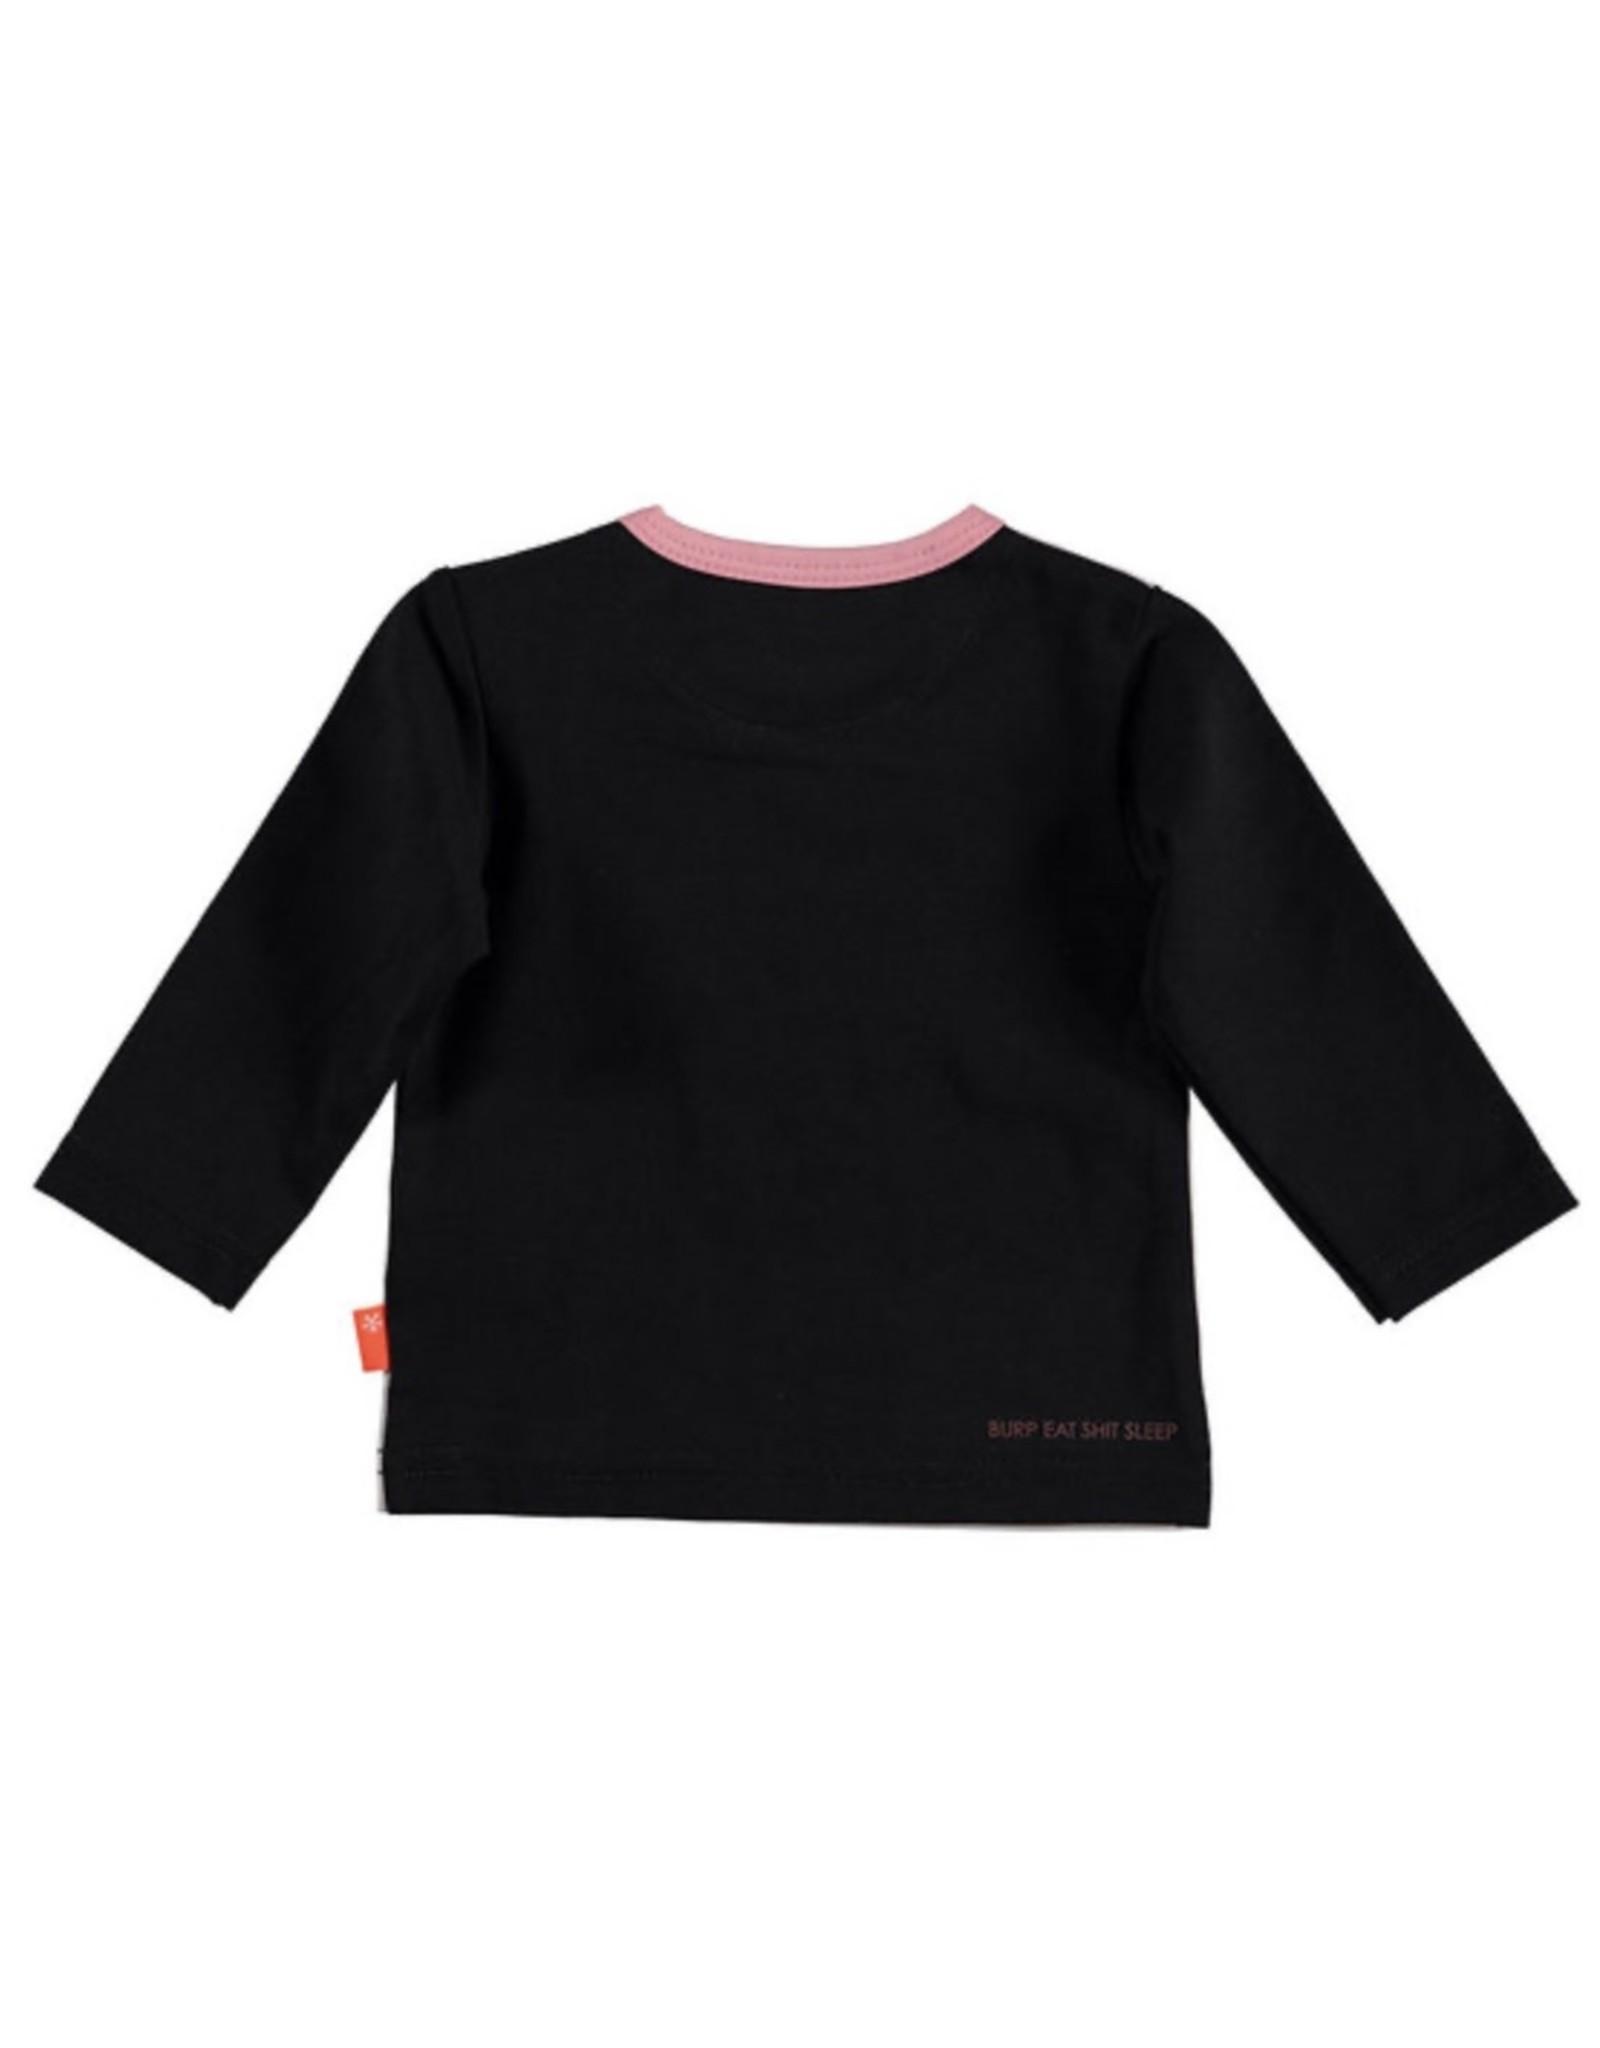 B*E*S*S 20266 T-Shirt